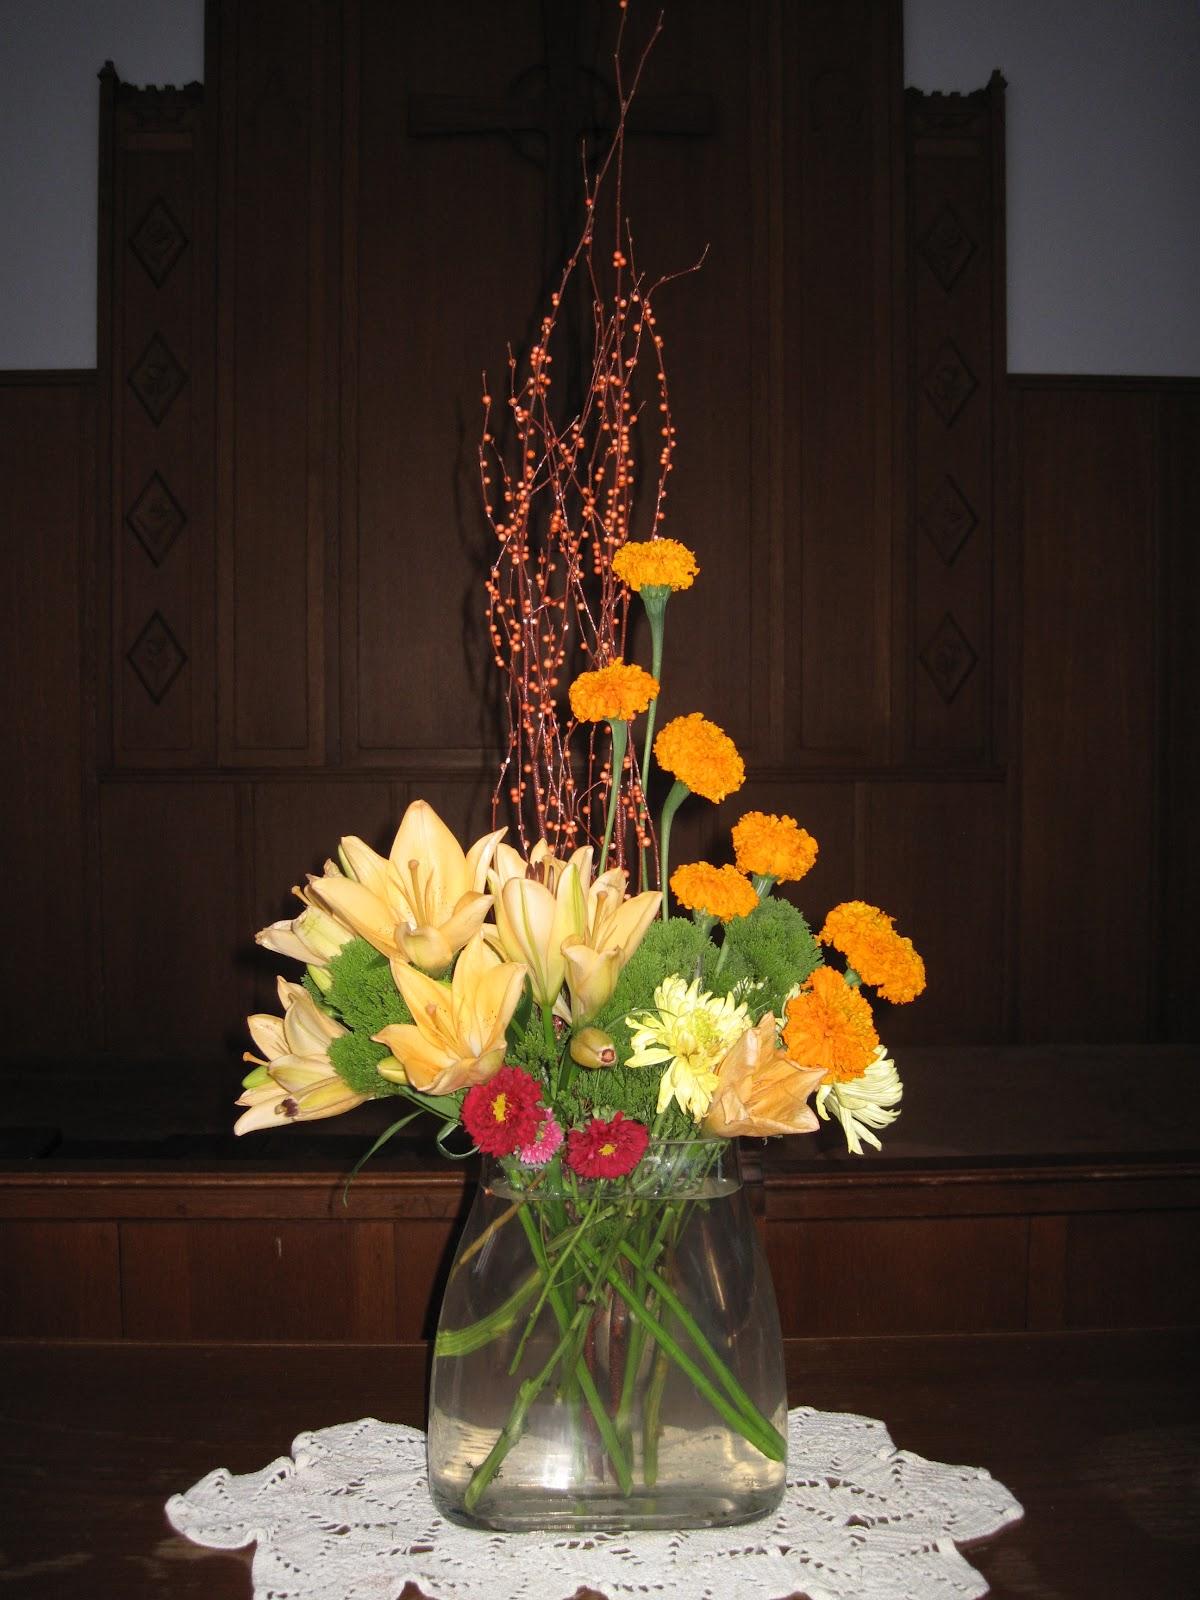 Pattie S Floral Design Church Altar Floral Arrangement